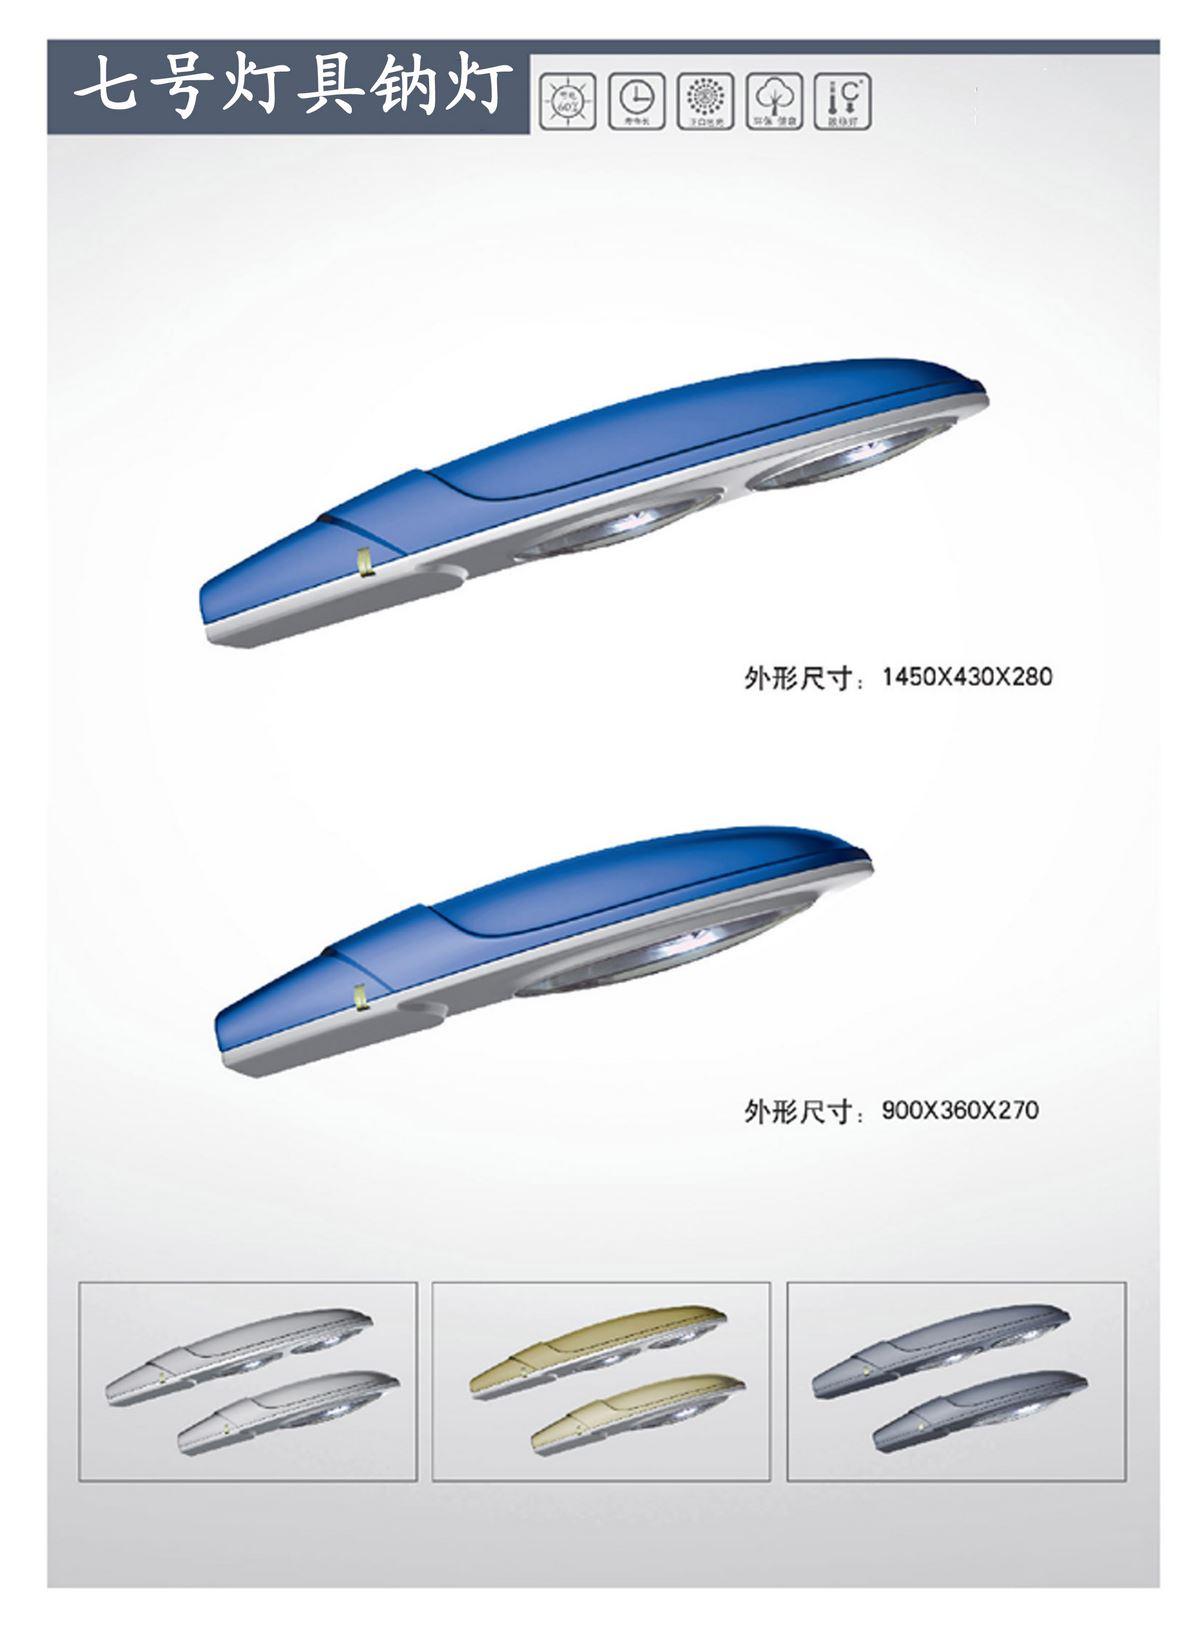 LED灯具系列008